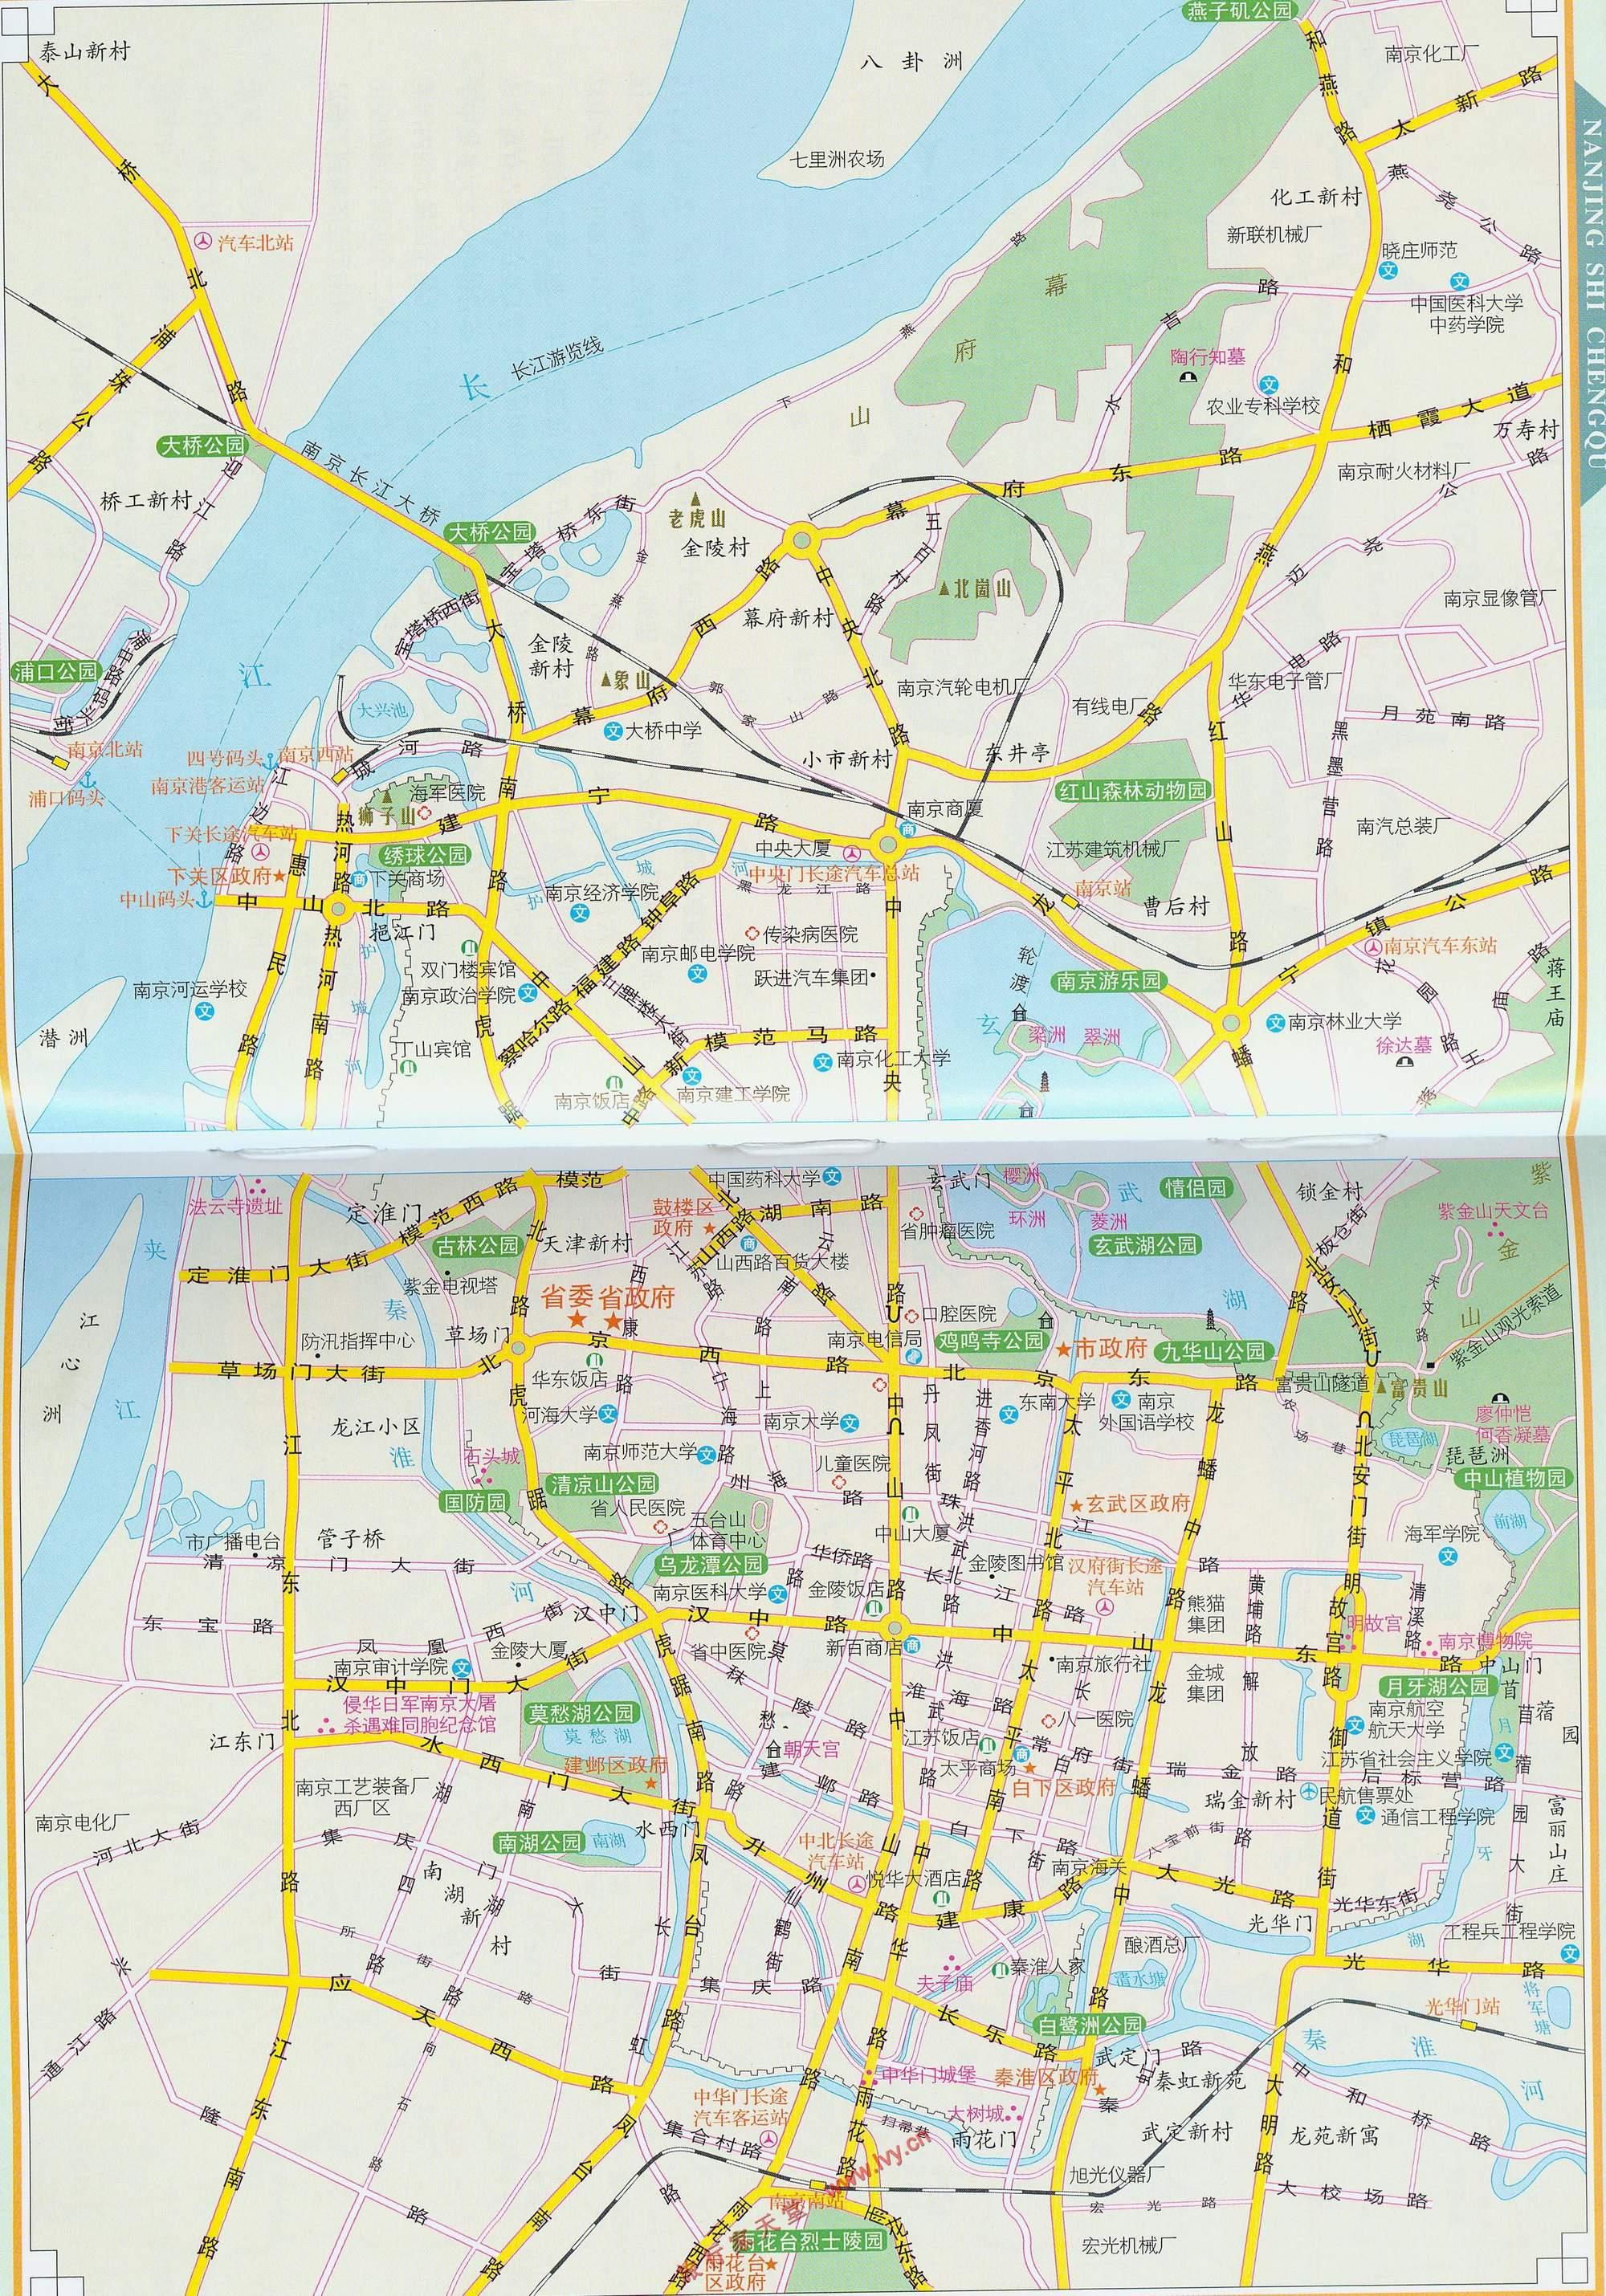 南京旅游地图高清版【相关词_ 南京旅游景点地图】图片